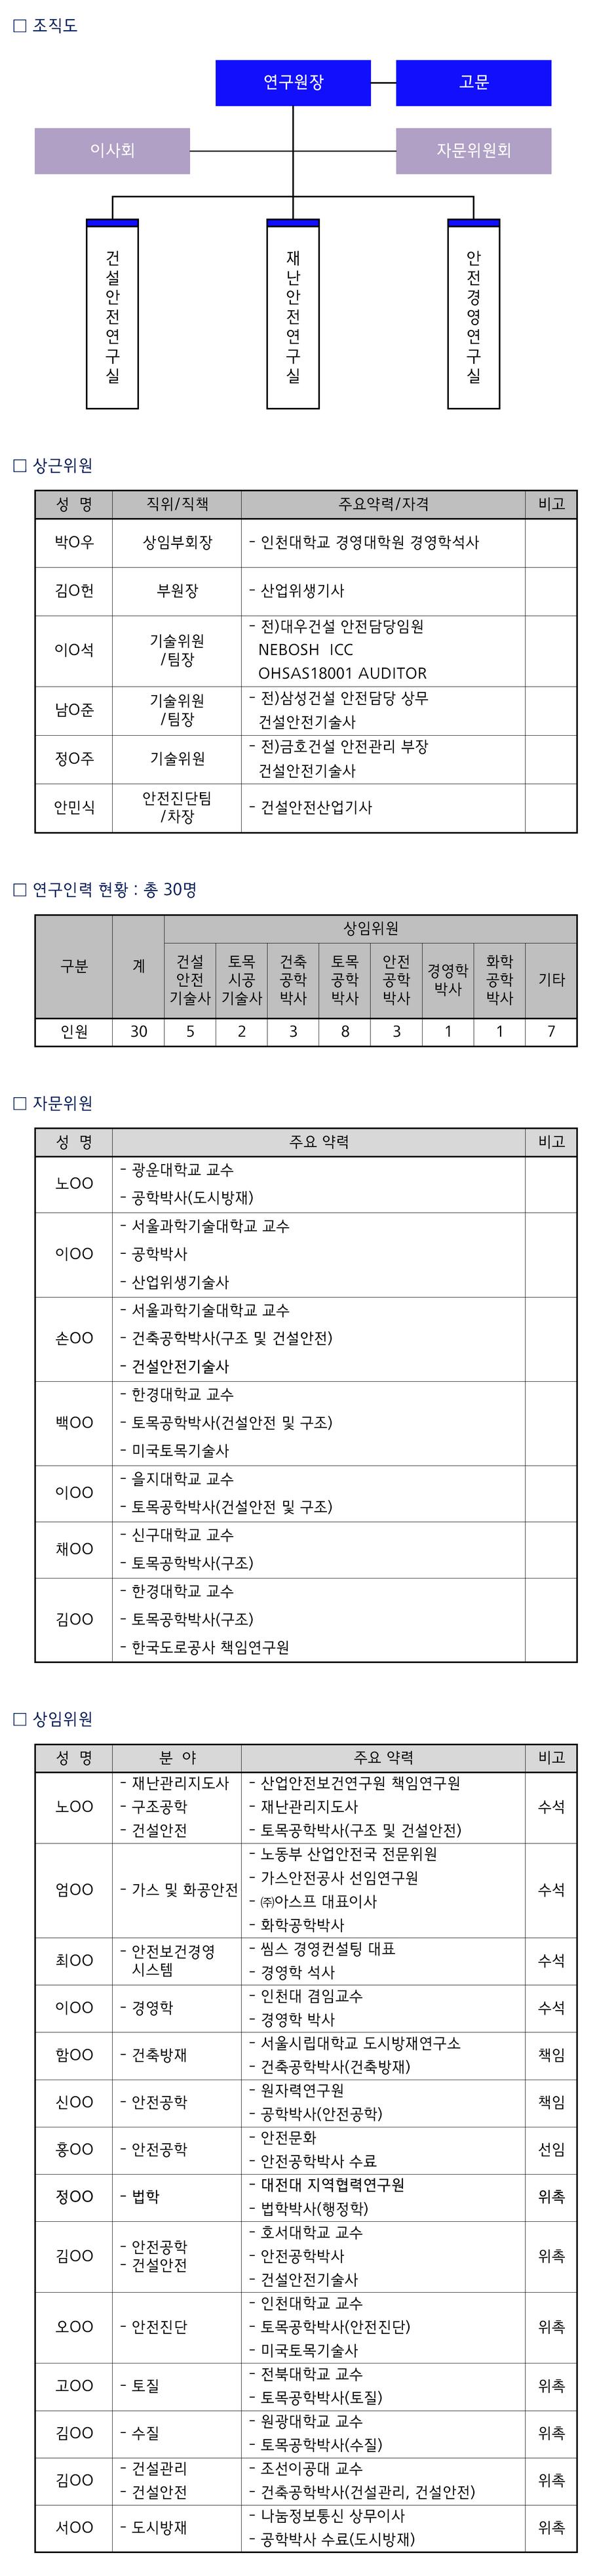 조직도 수정3.png